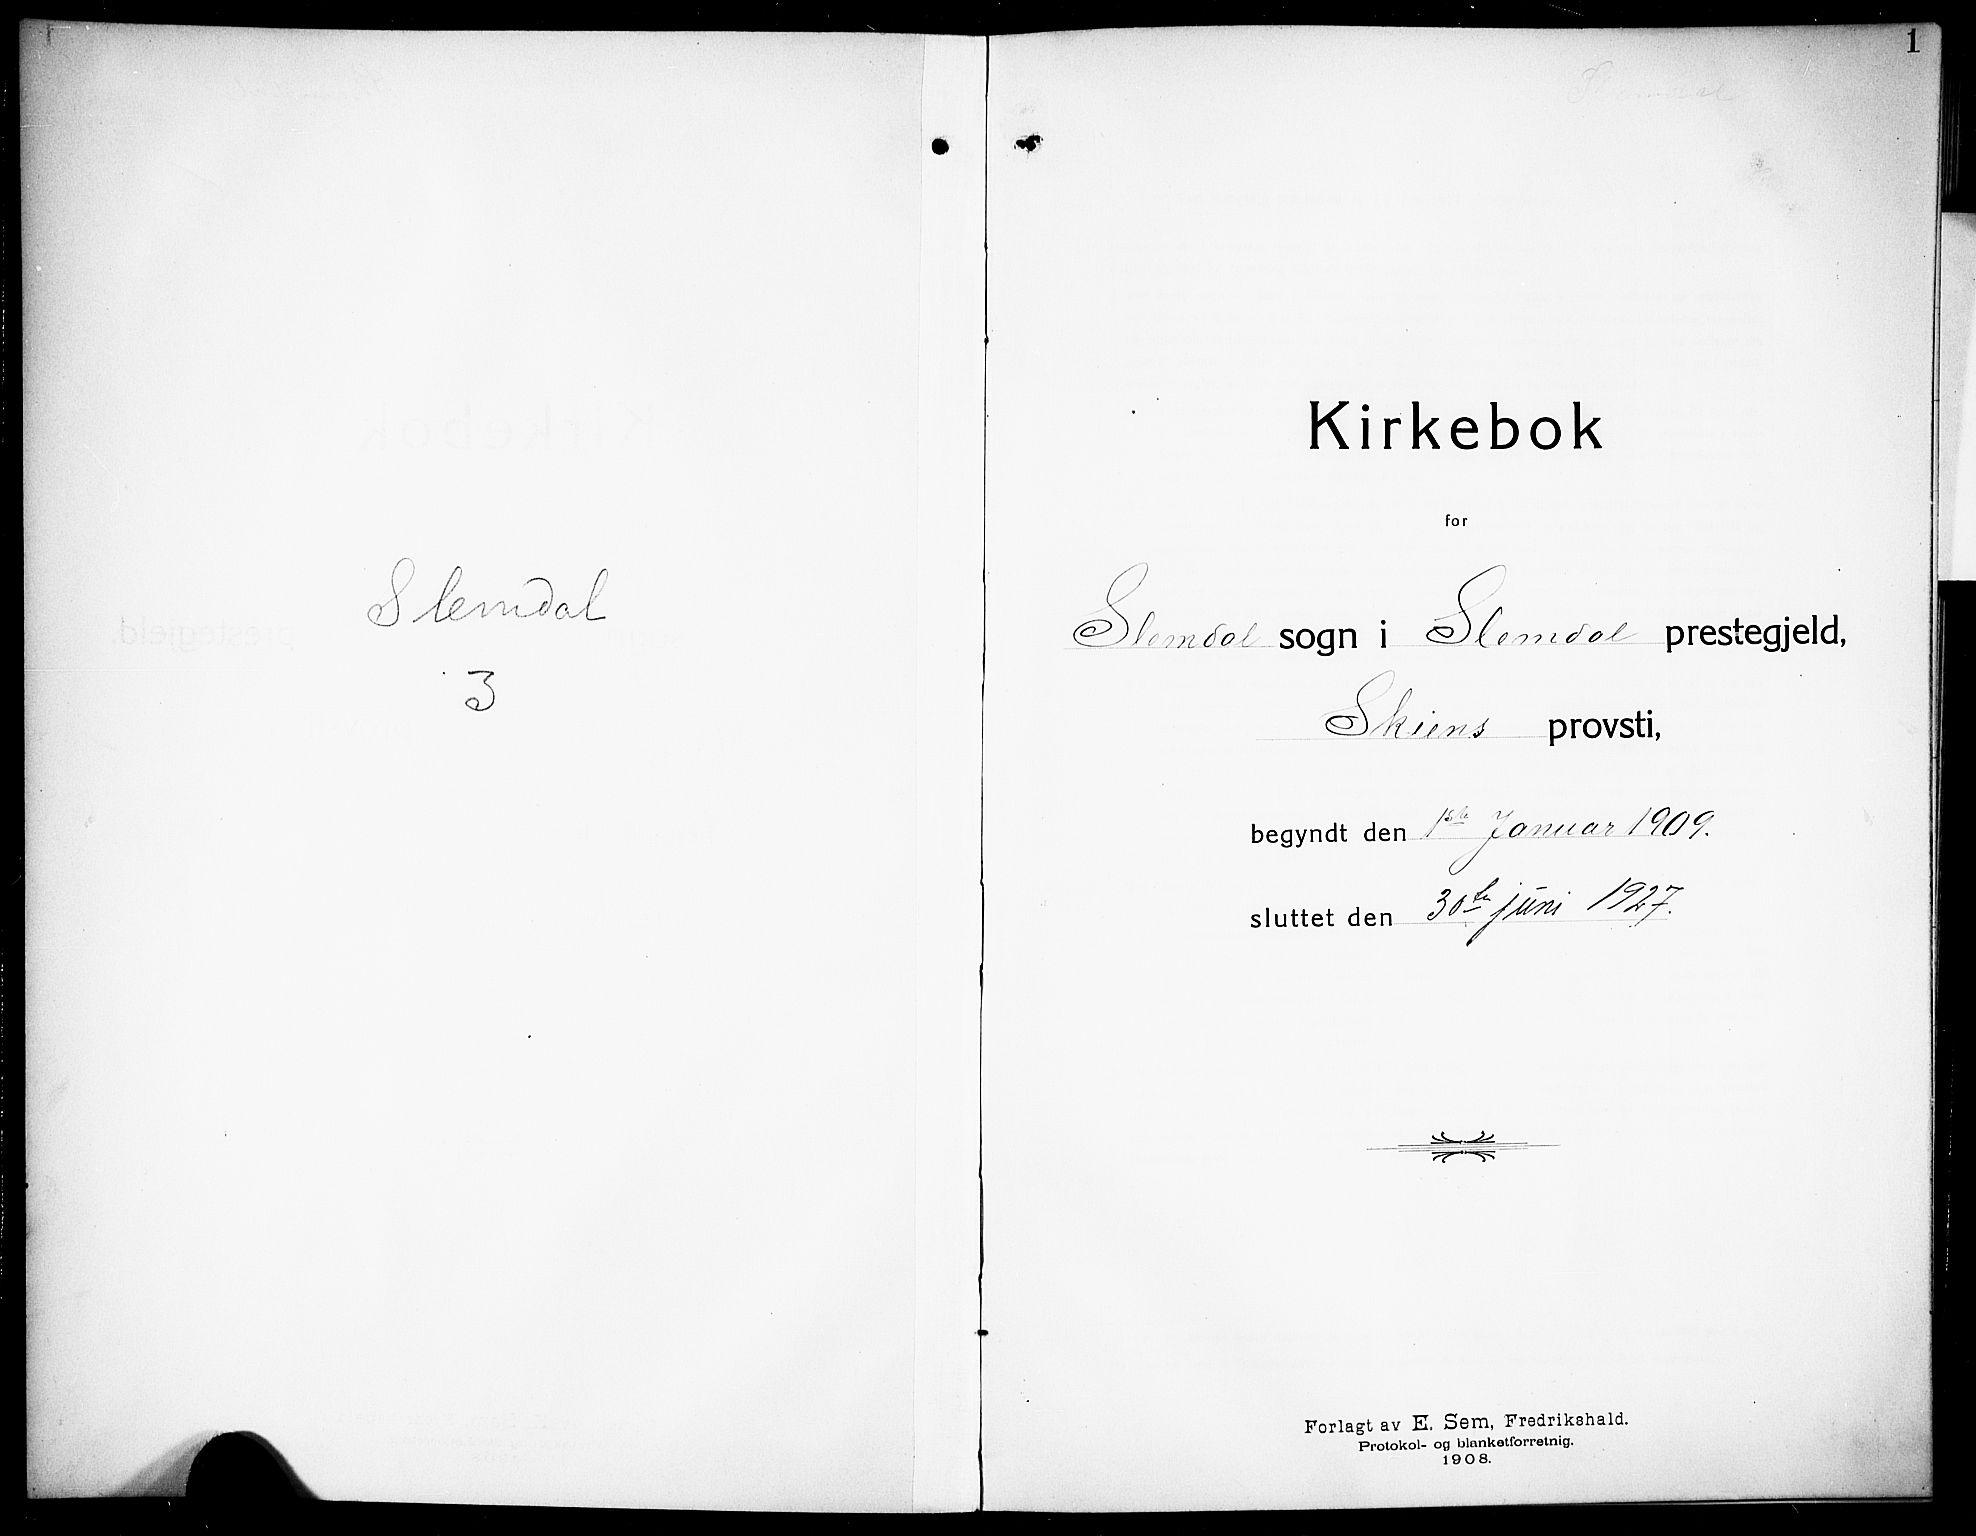 SAKO, Siljan kirkebøker, G/Ga/L0003: Klokkerbok nr. 3, 1909-1927, s. 1